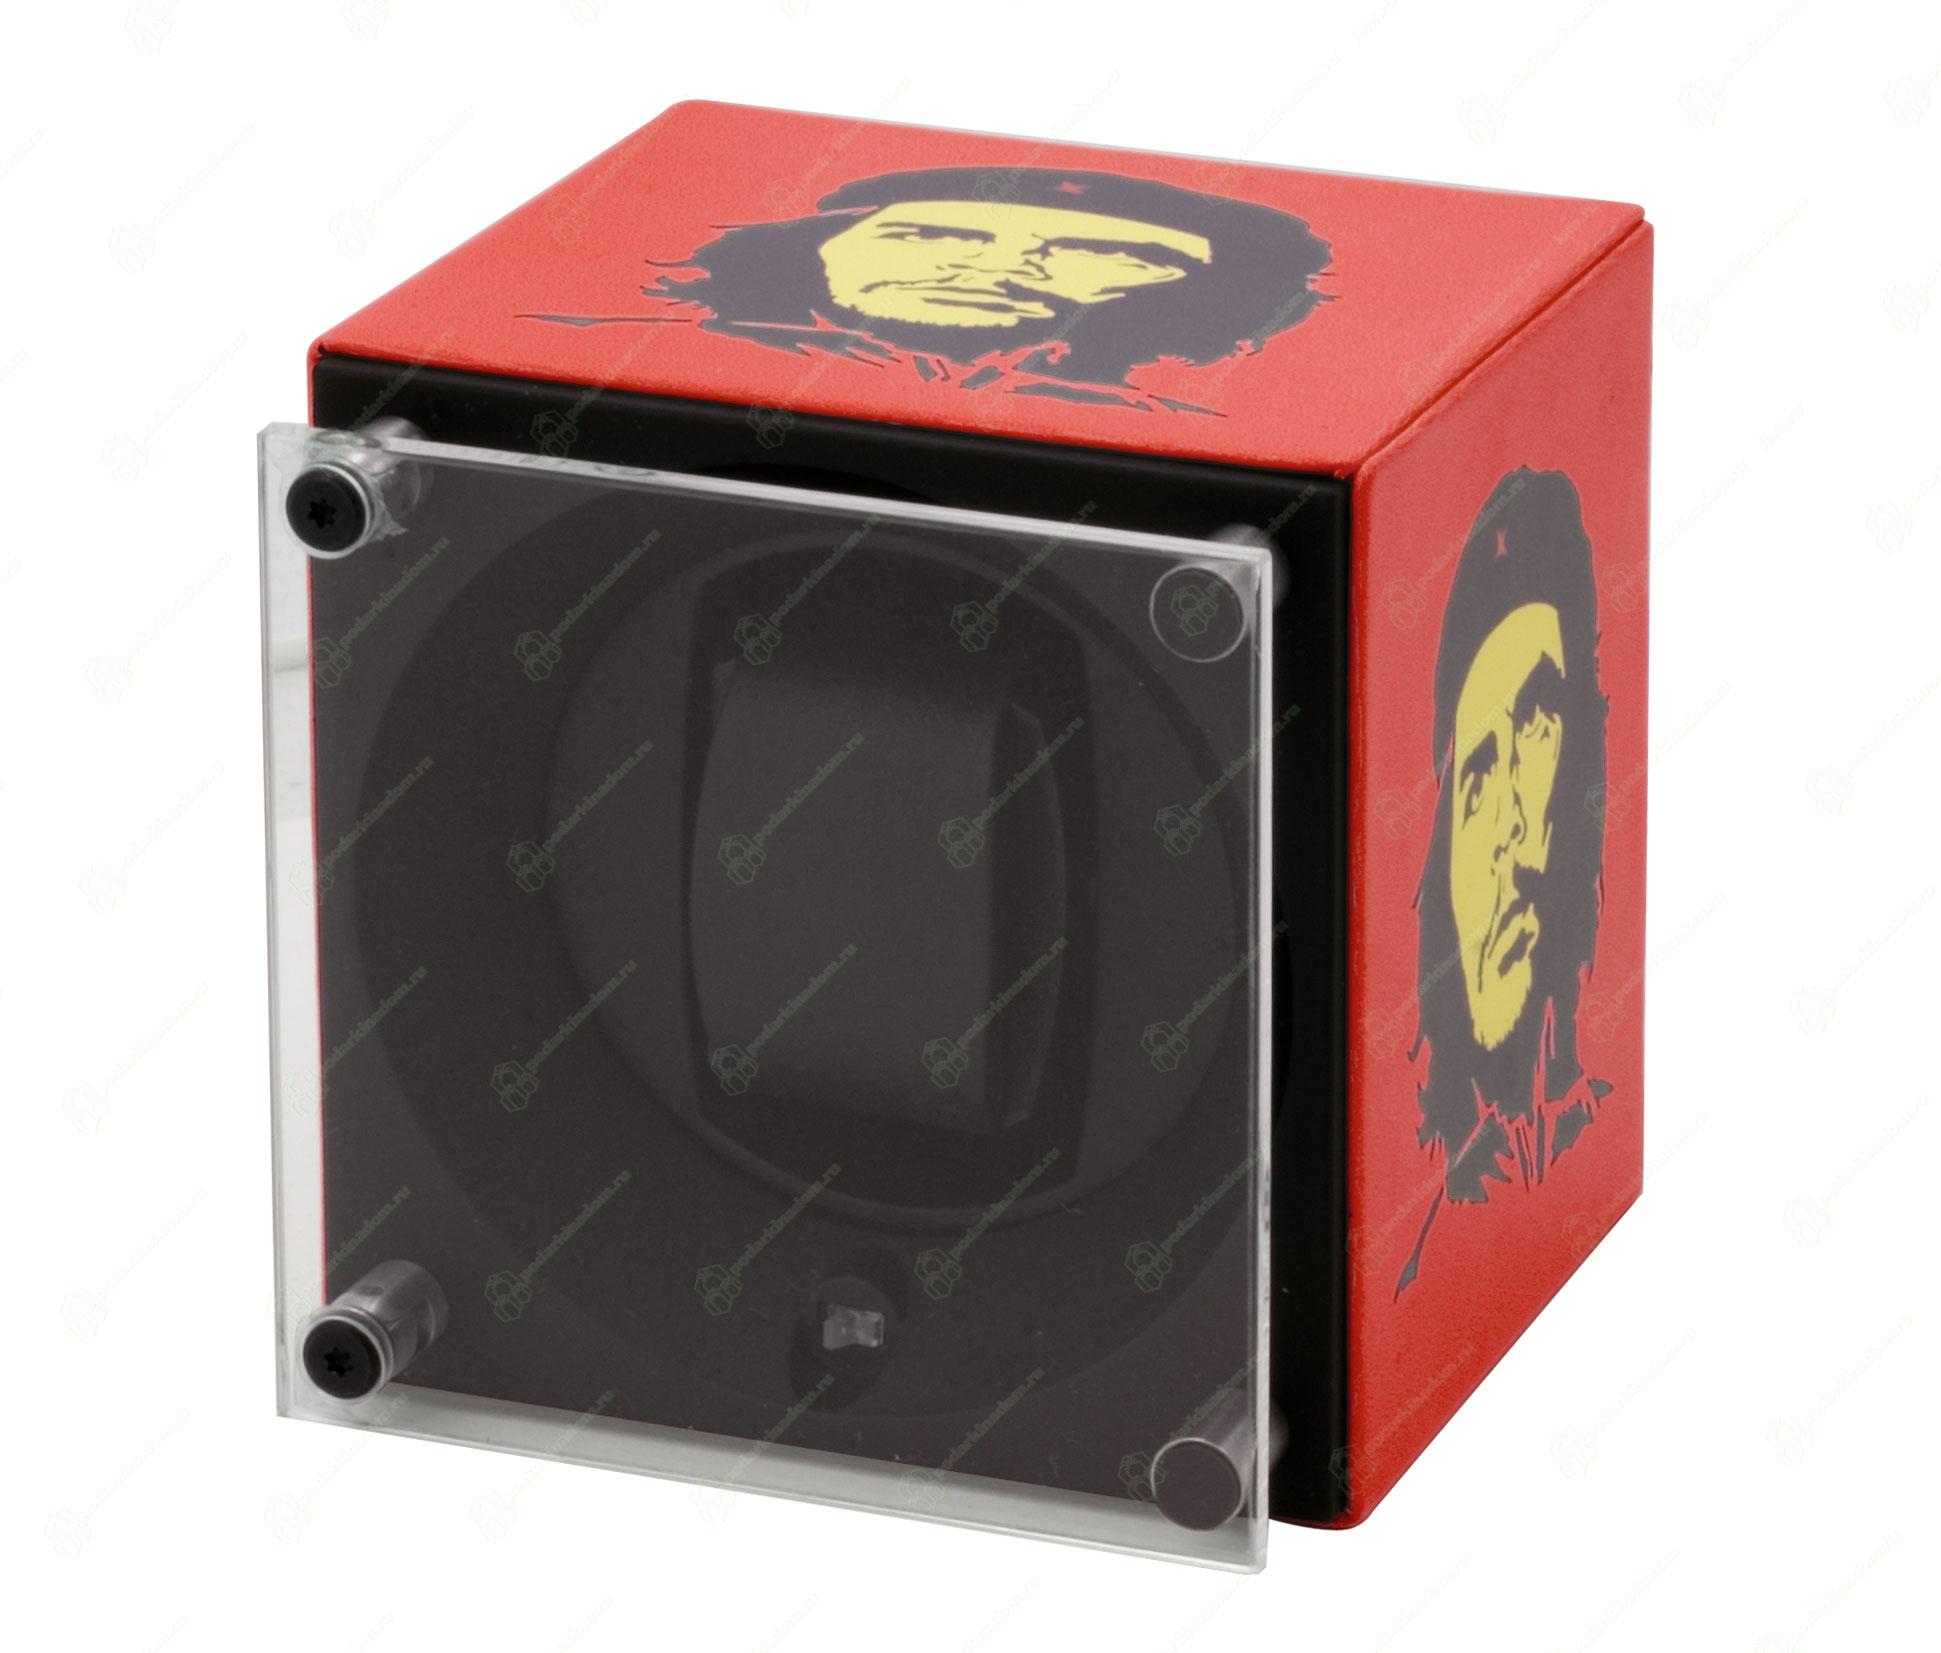 Swiss Kubik SK01.CV.ART14 Шкатулка для завода одних наручных часов от Свис Кубик. Отделка натуральной кожей. Принт Че Гевара. Тираж 200 экземпляров.